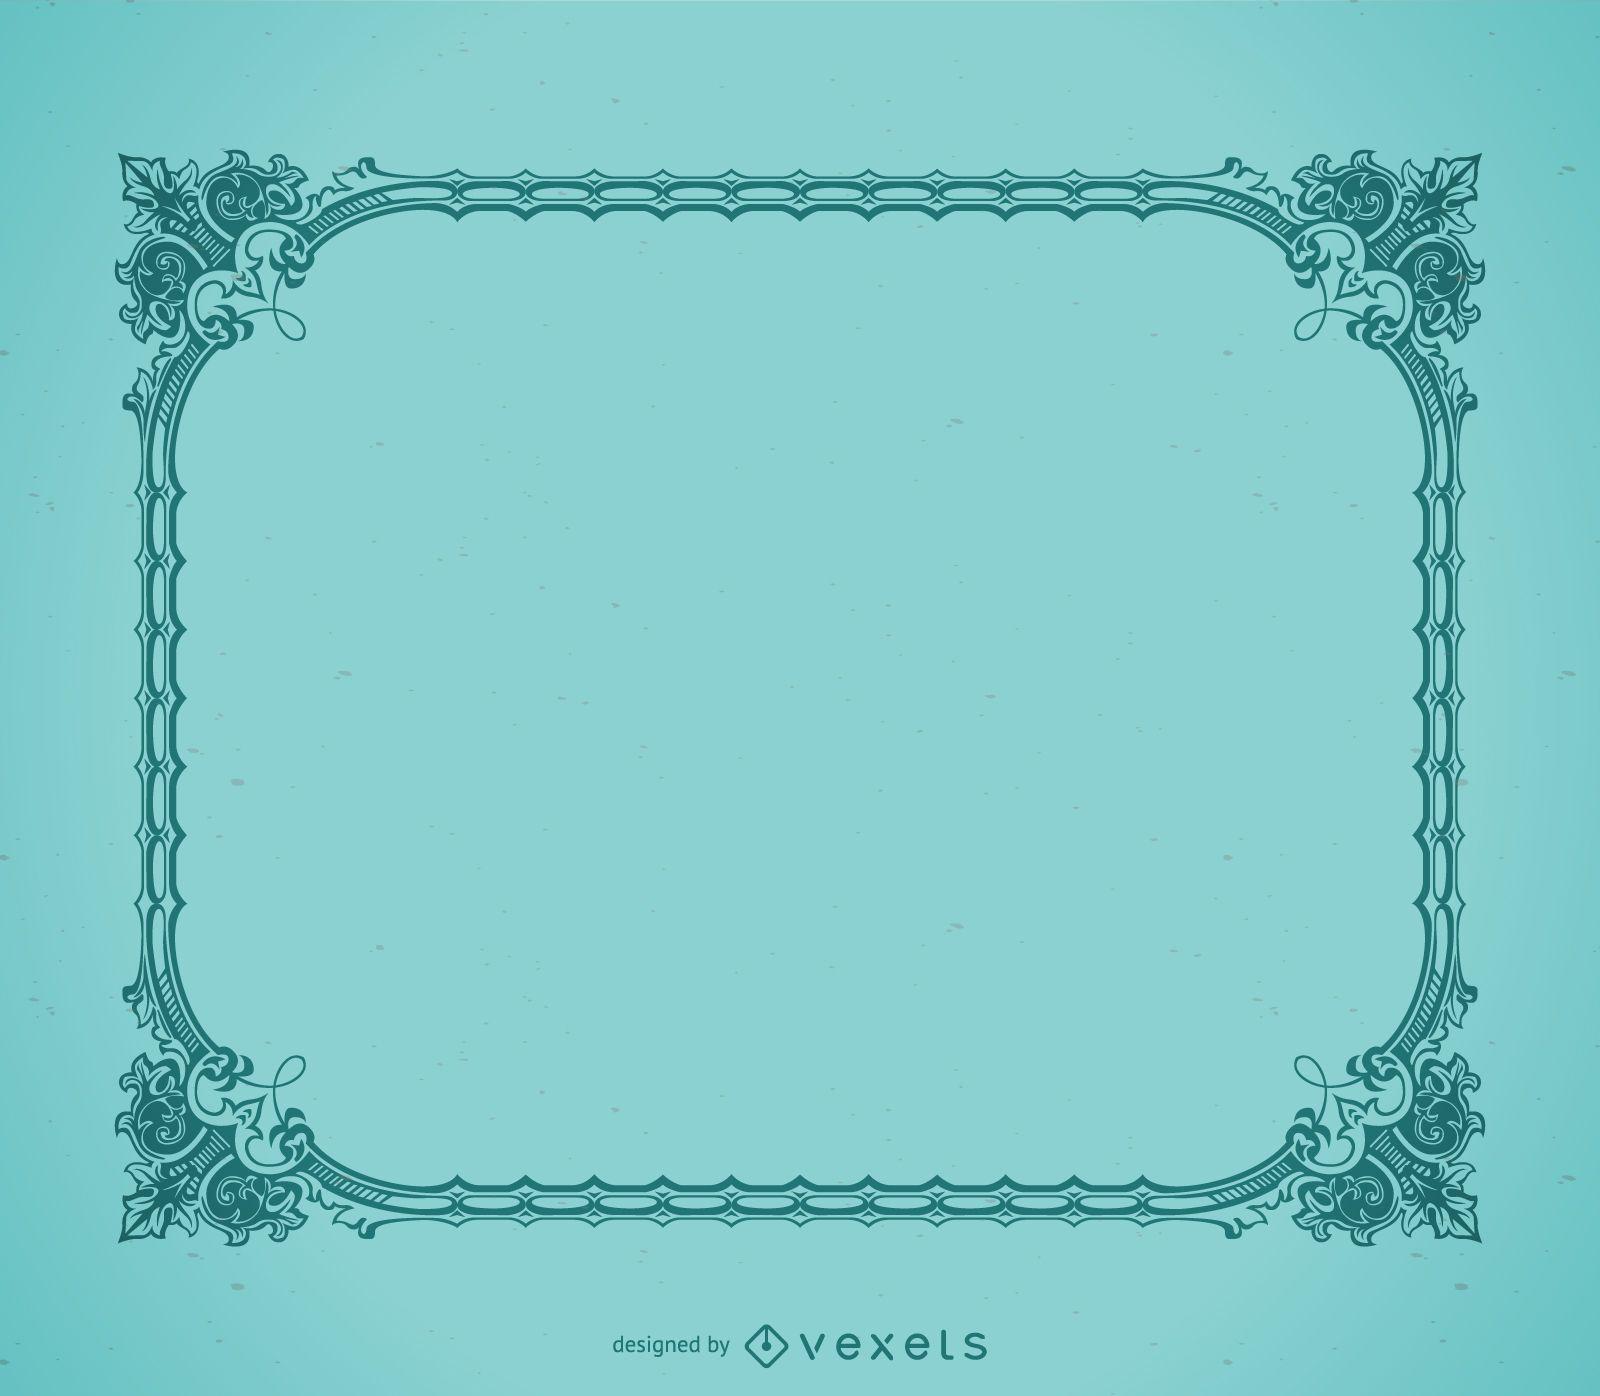 Elegant decorative picture frame